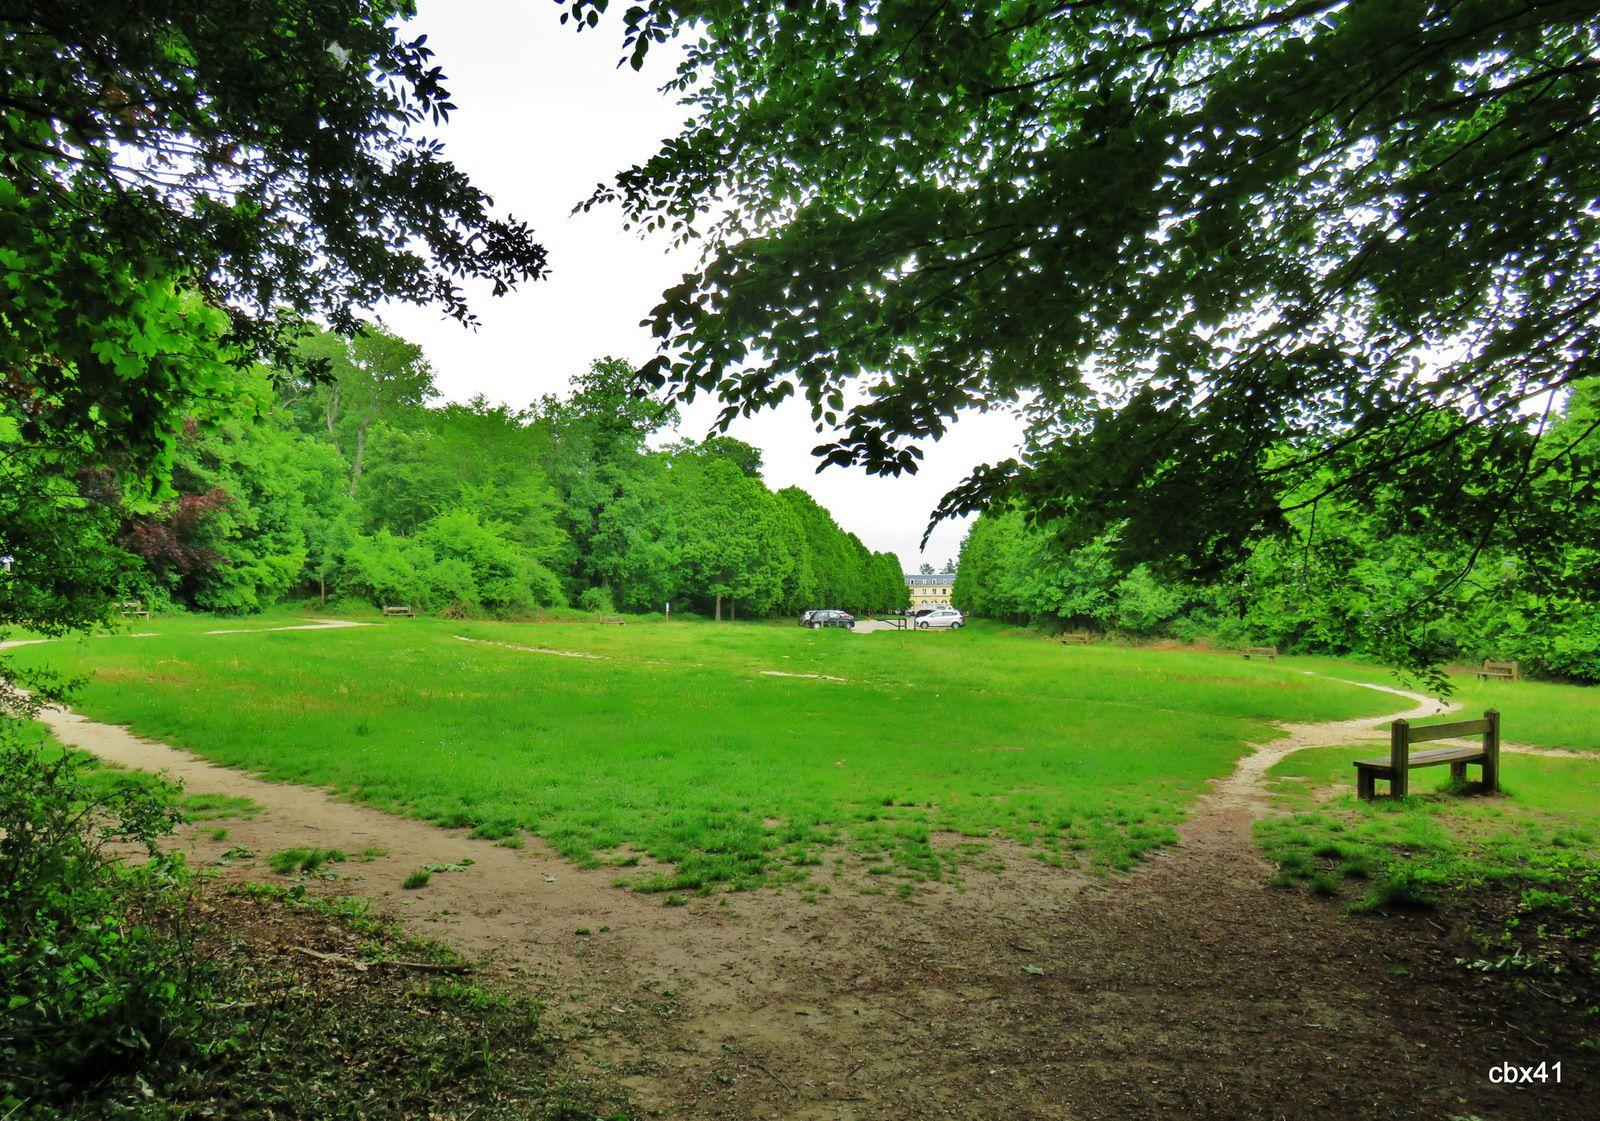 Sentier botanique du Val, Forêt domaniale de Saint-Germain